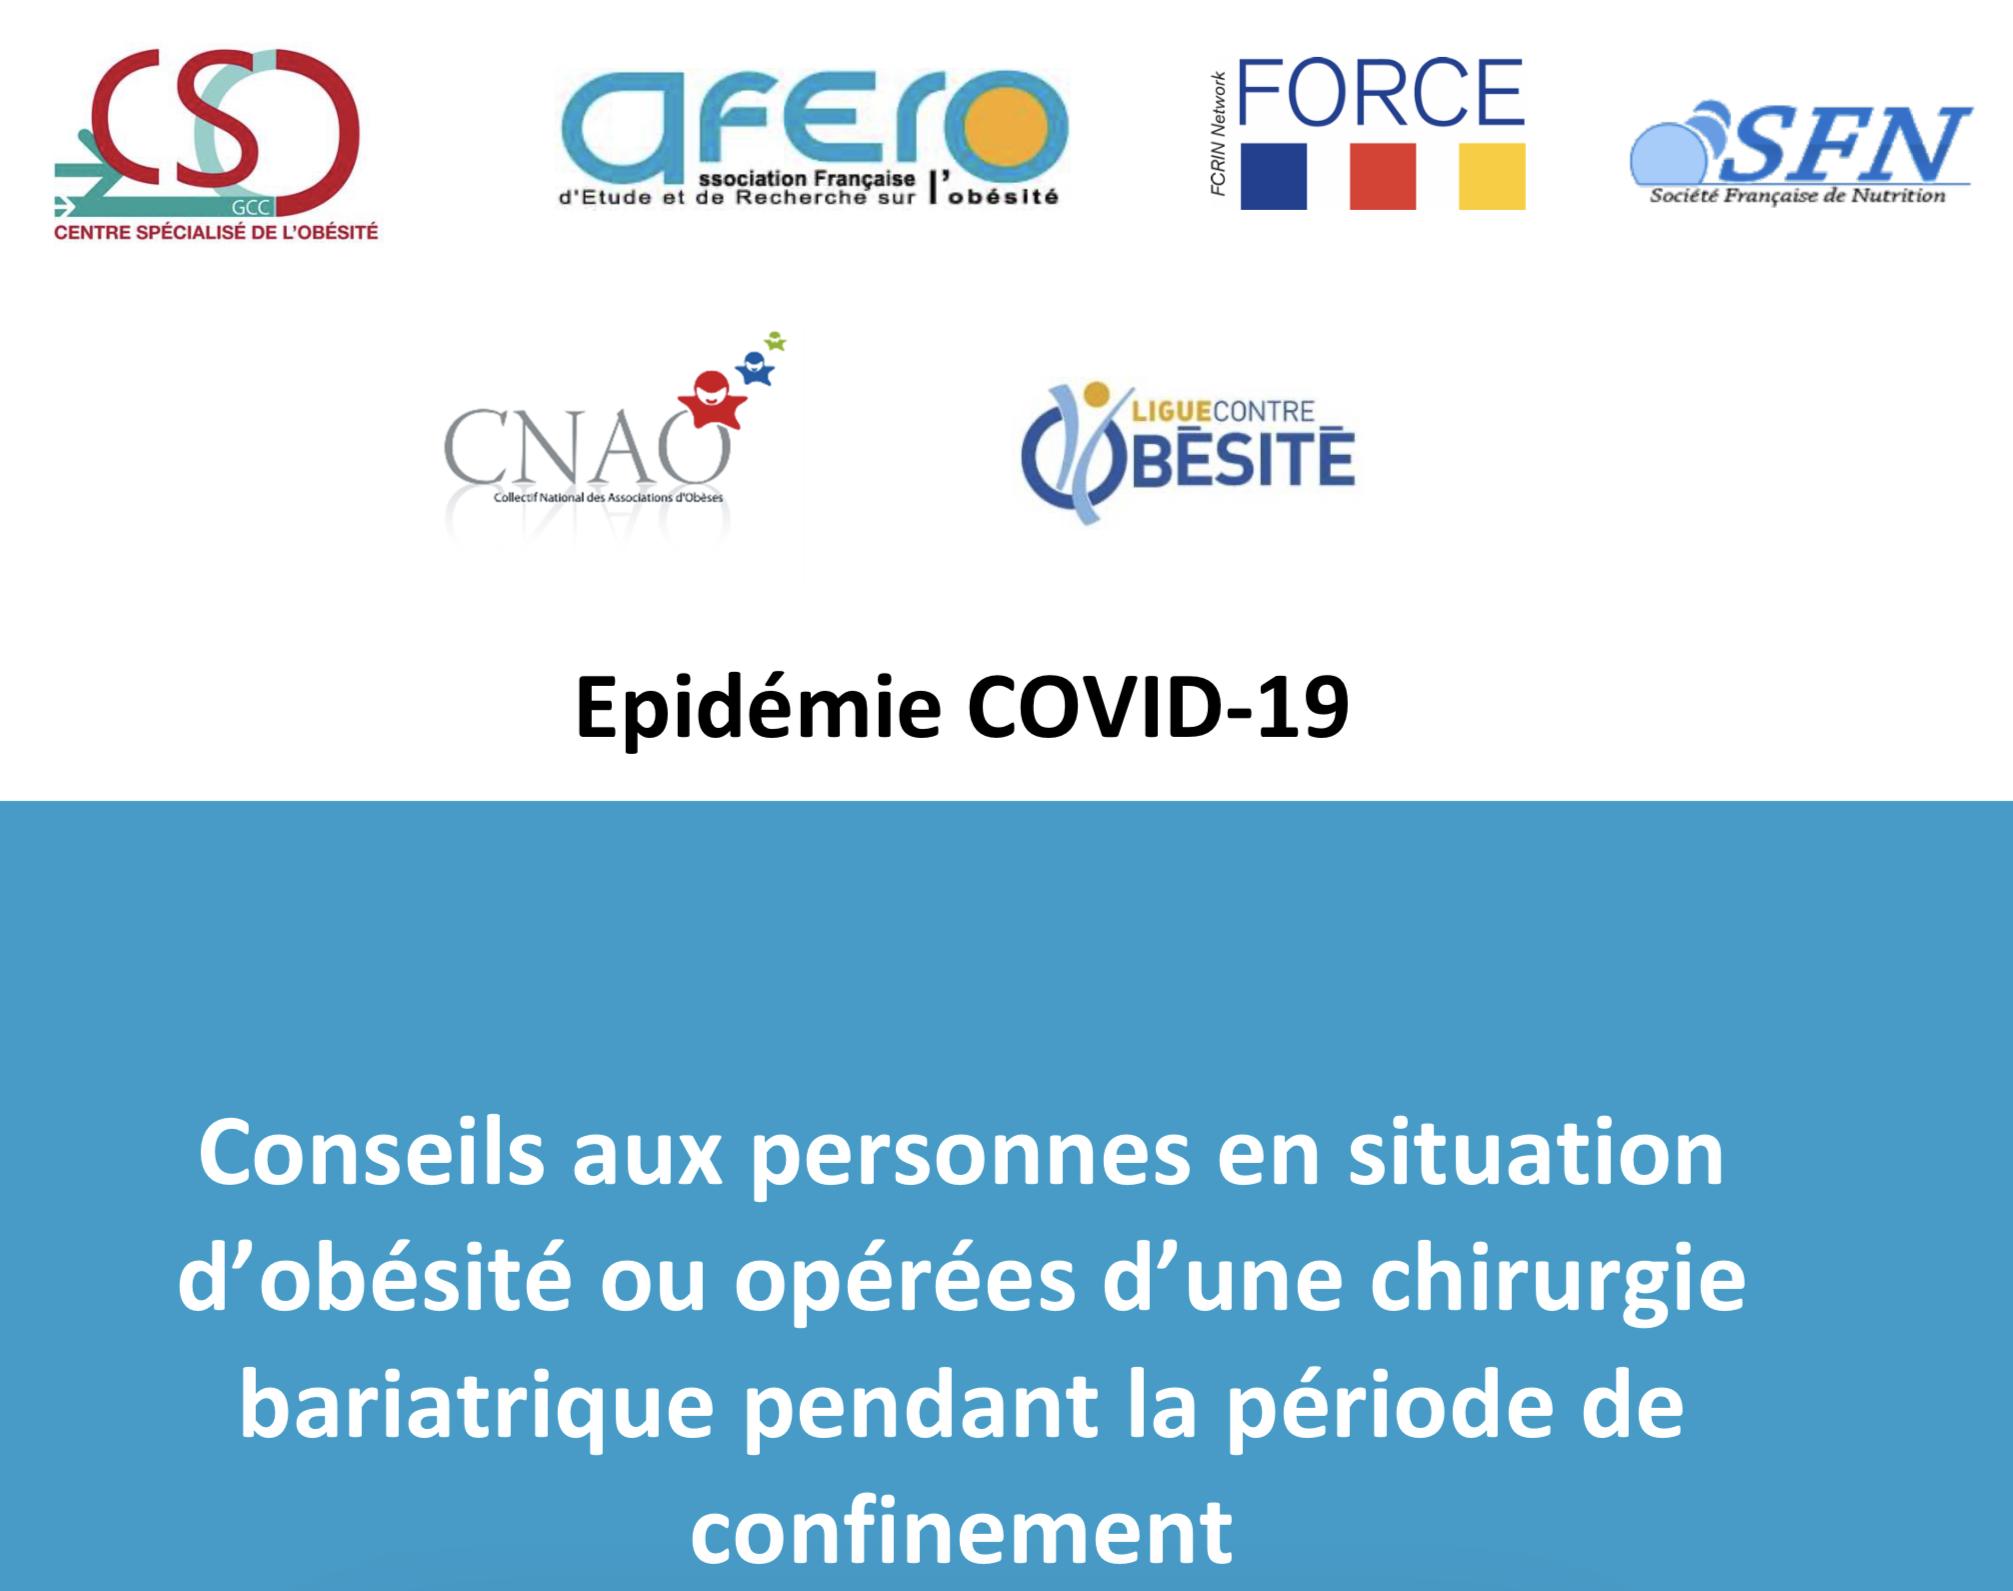 Coronavirus : les conseils de la Ligue contre l'obésité et de l'Afero aux patients en situation d'obésité ou opérés d'une chirurgie bariatrique